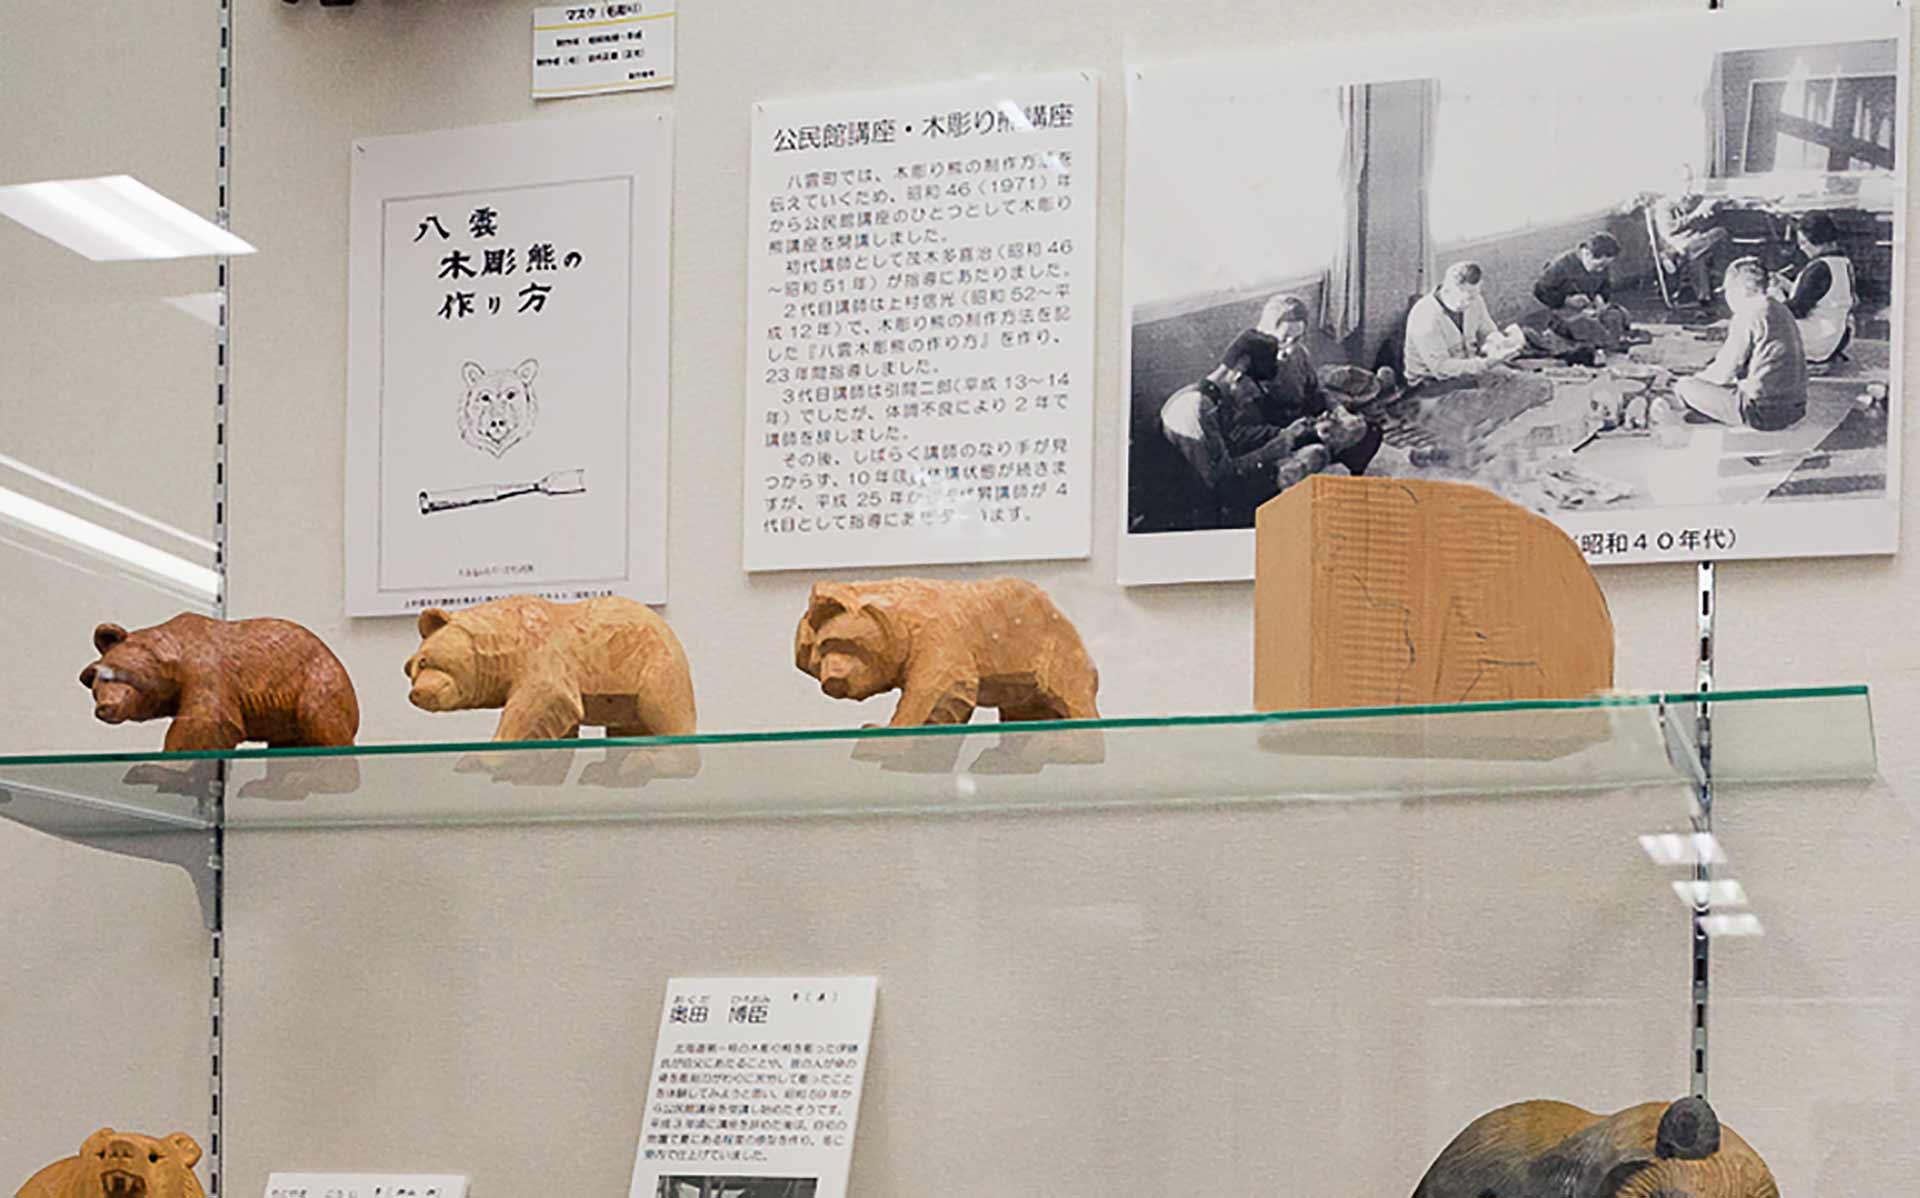 右の木の塊から、左の完成の熊へ彫っていく手順を追ったもの